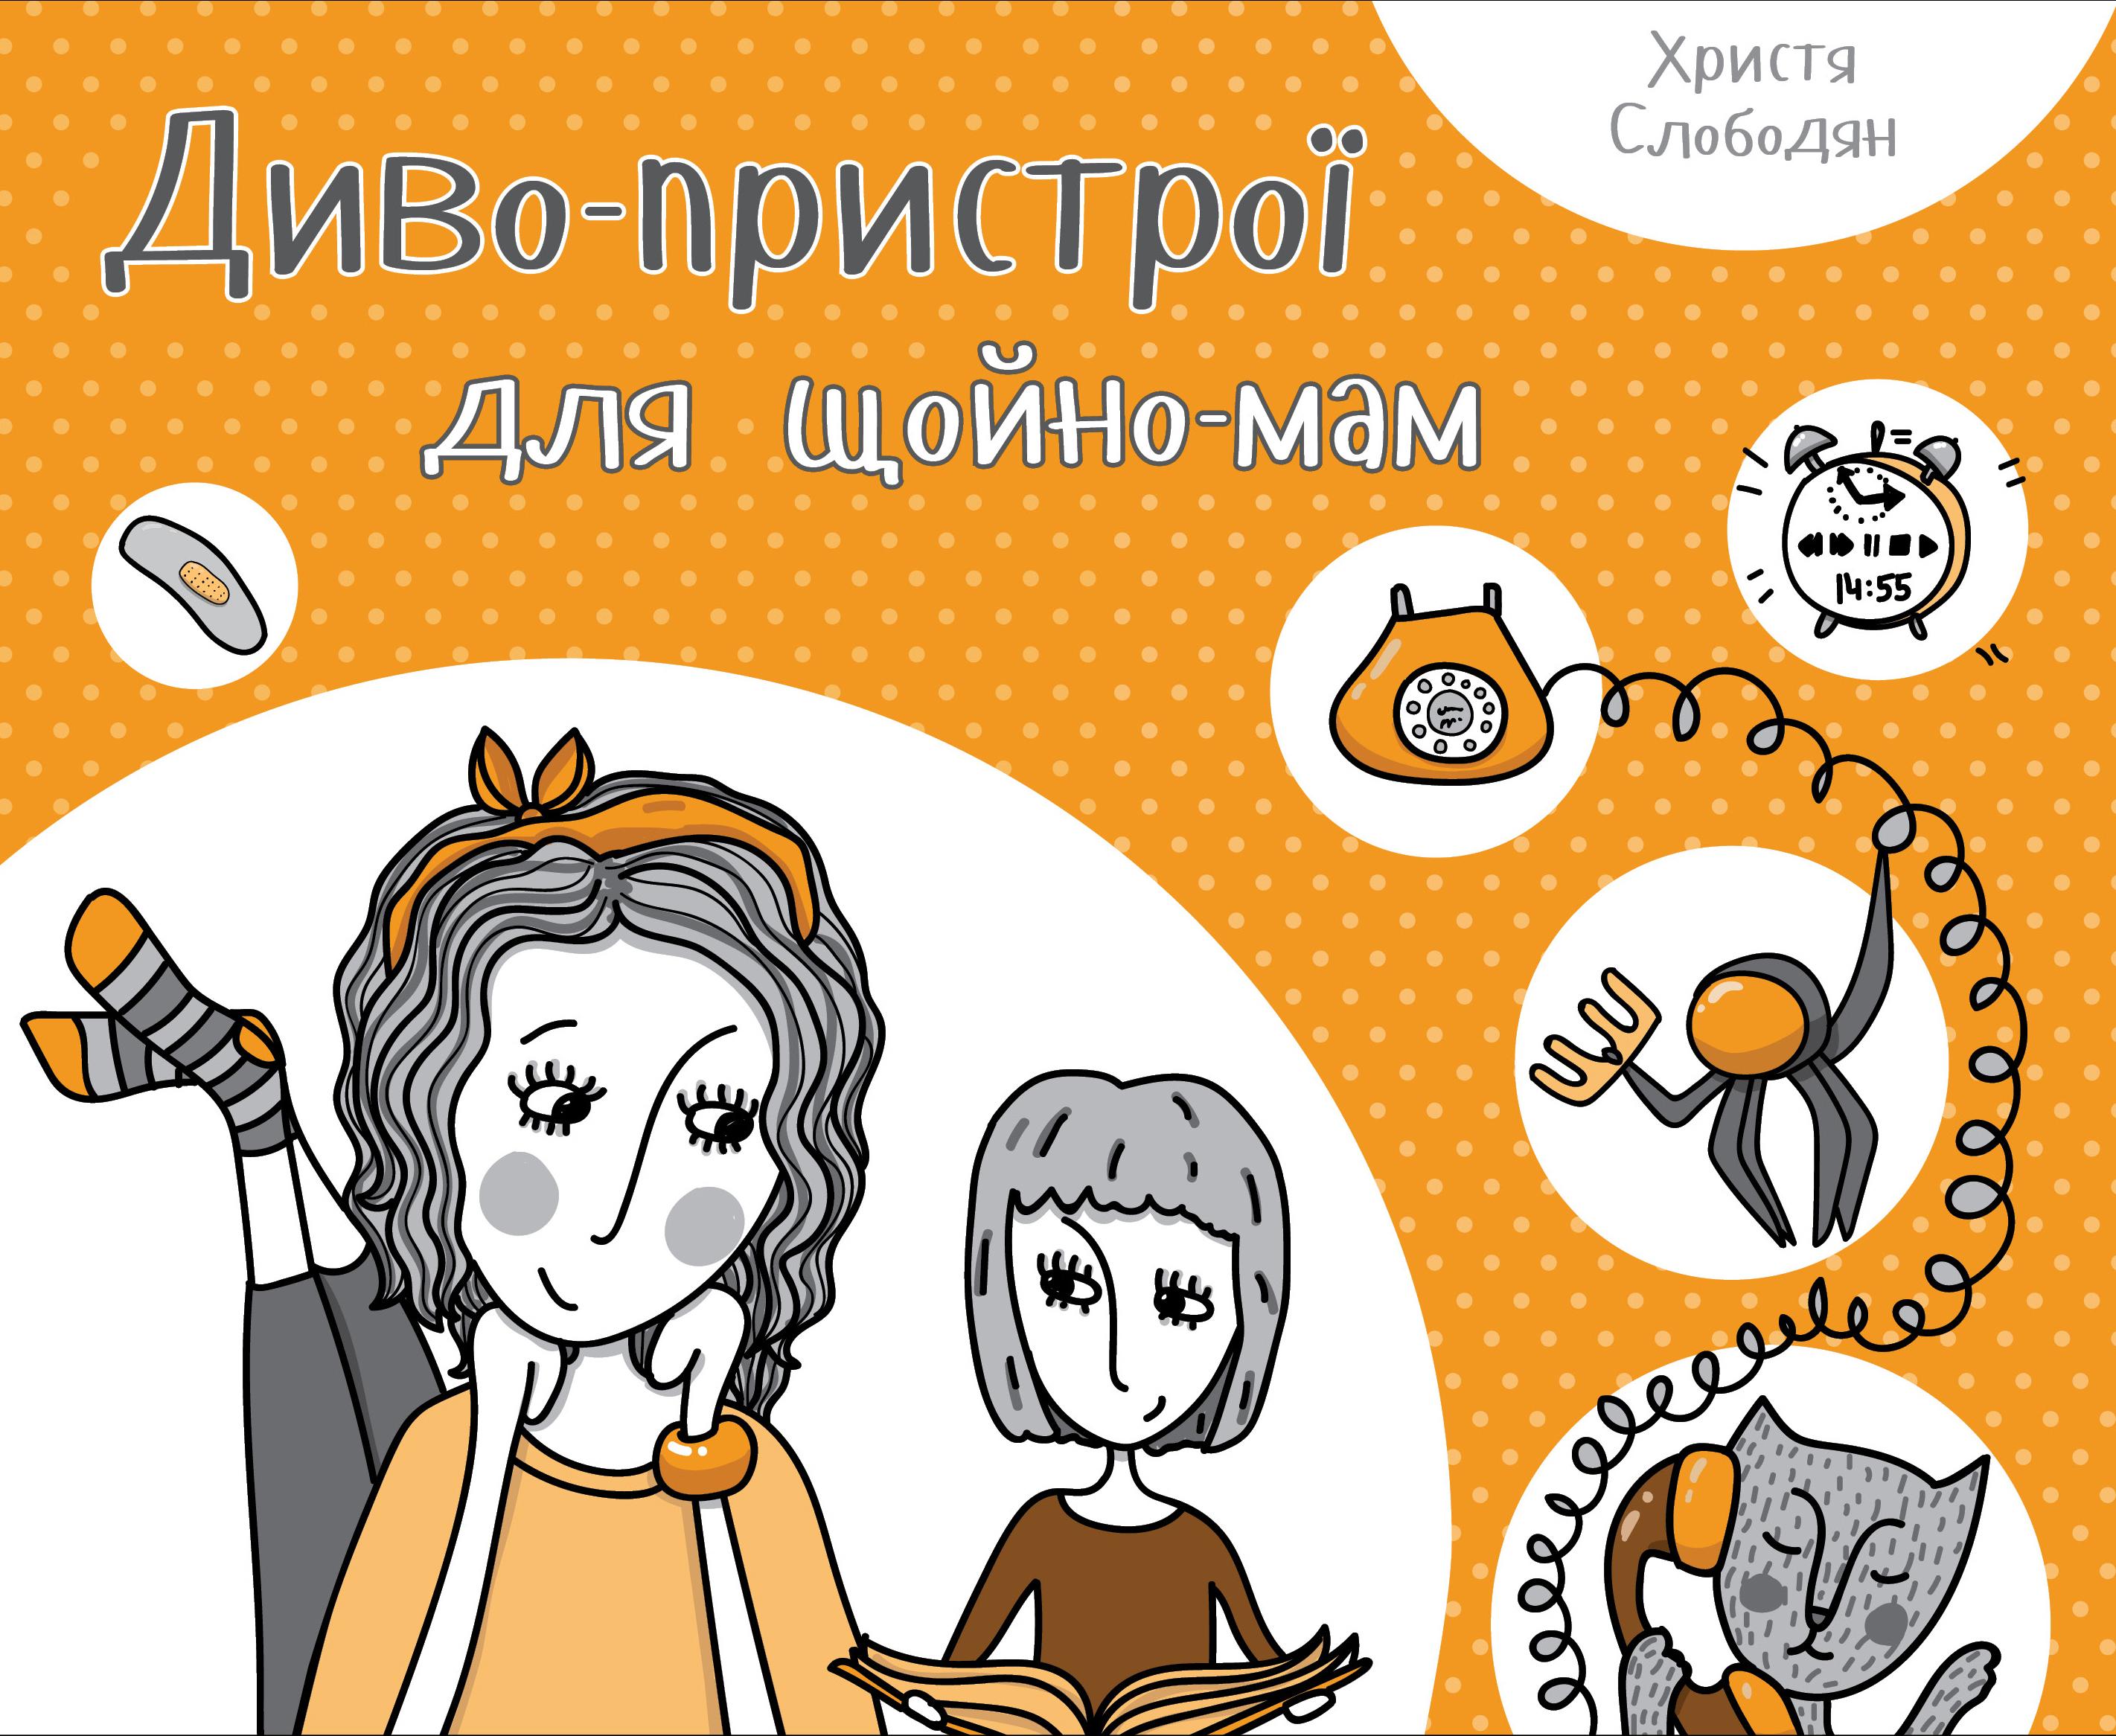 Купить Диво-пристрої для щойно-мам, Христя Слободян, 978-617-690-164-8